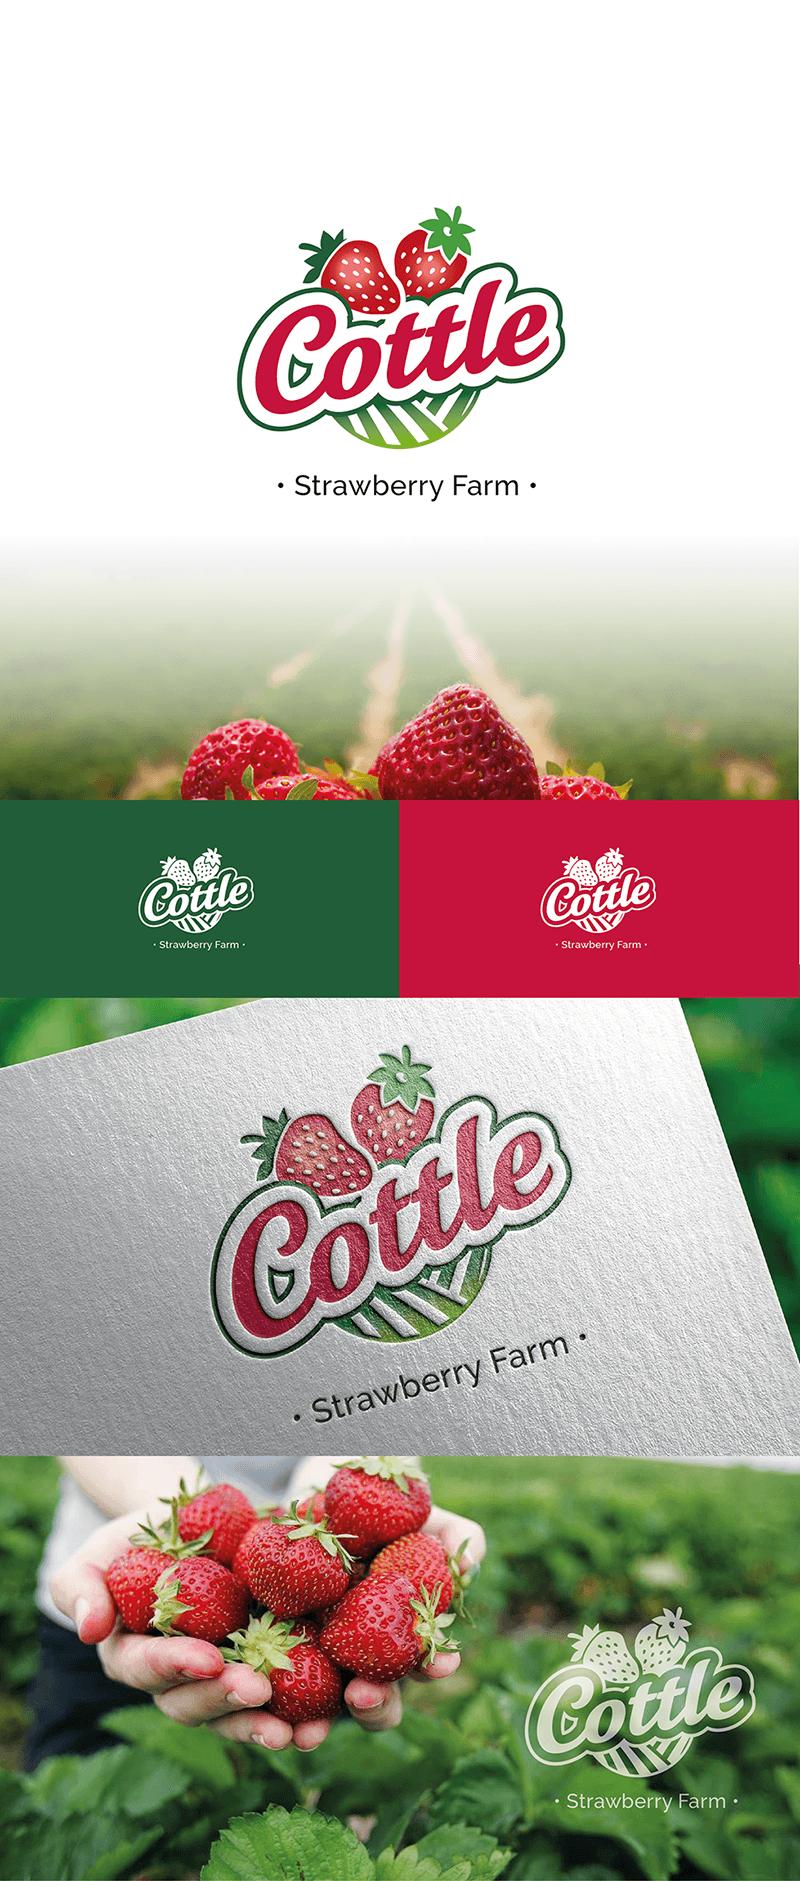 cottle-05